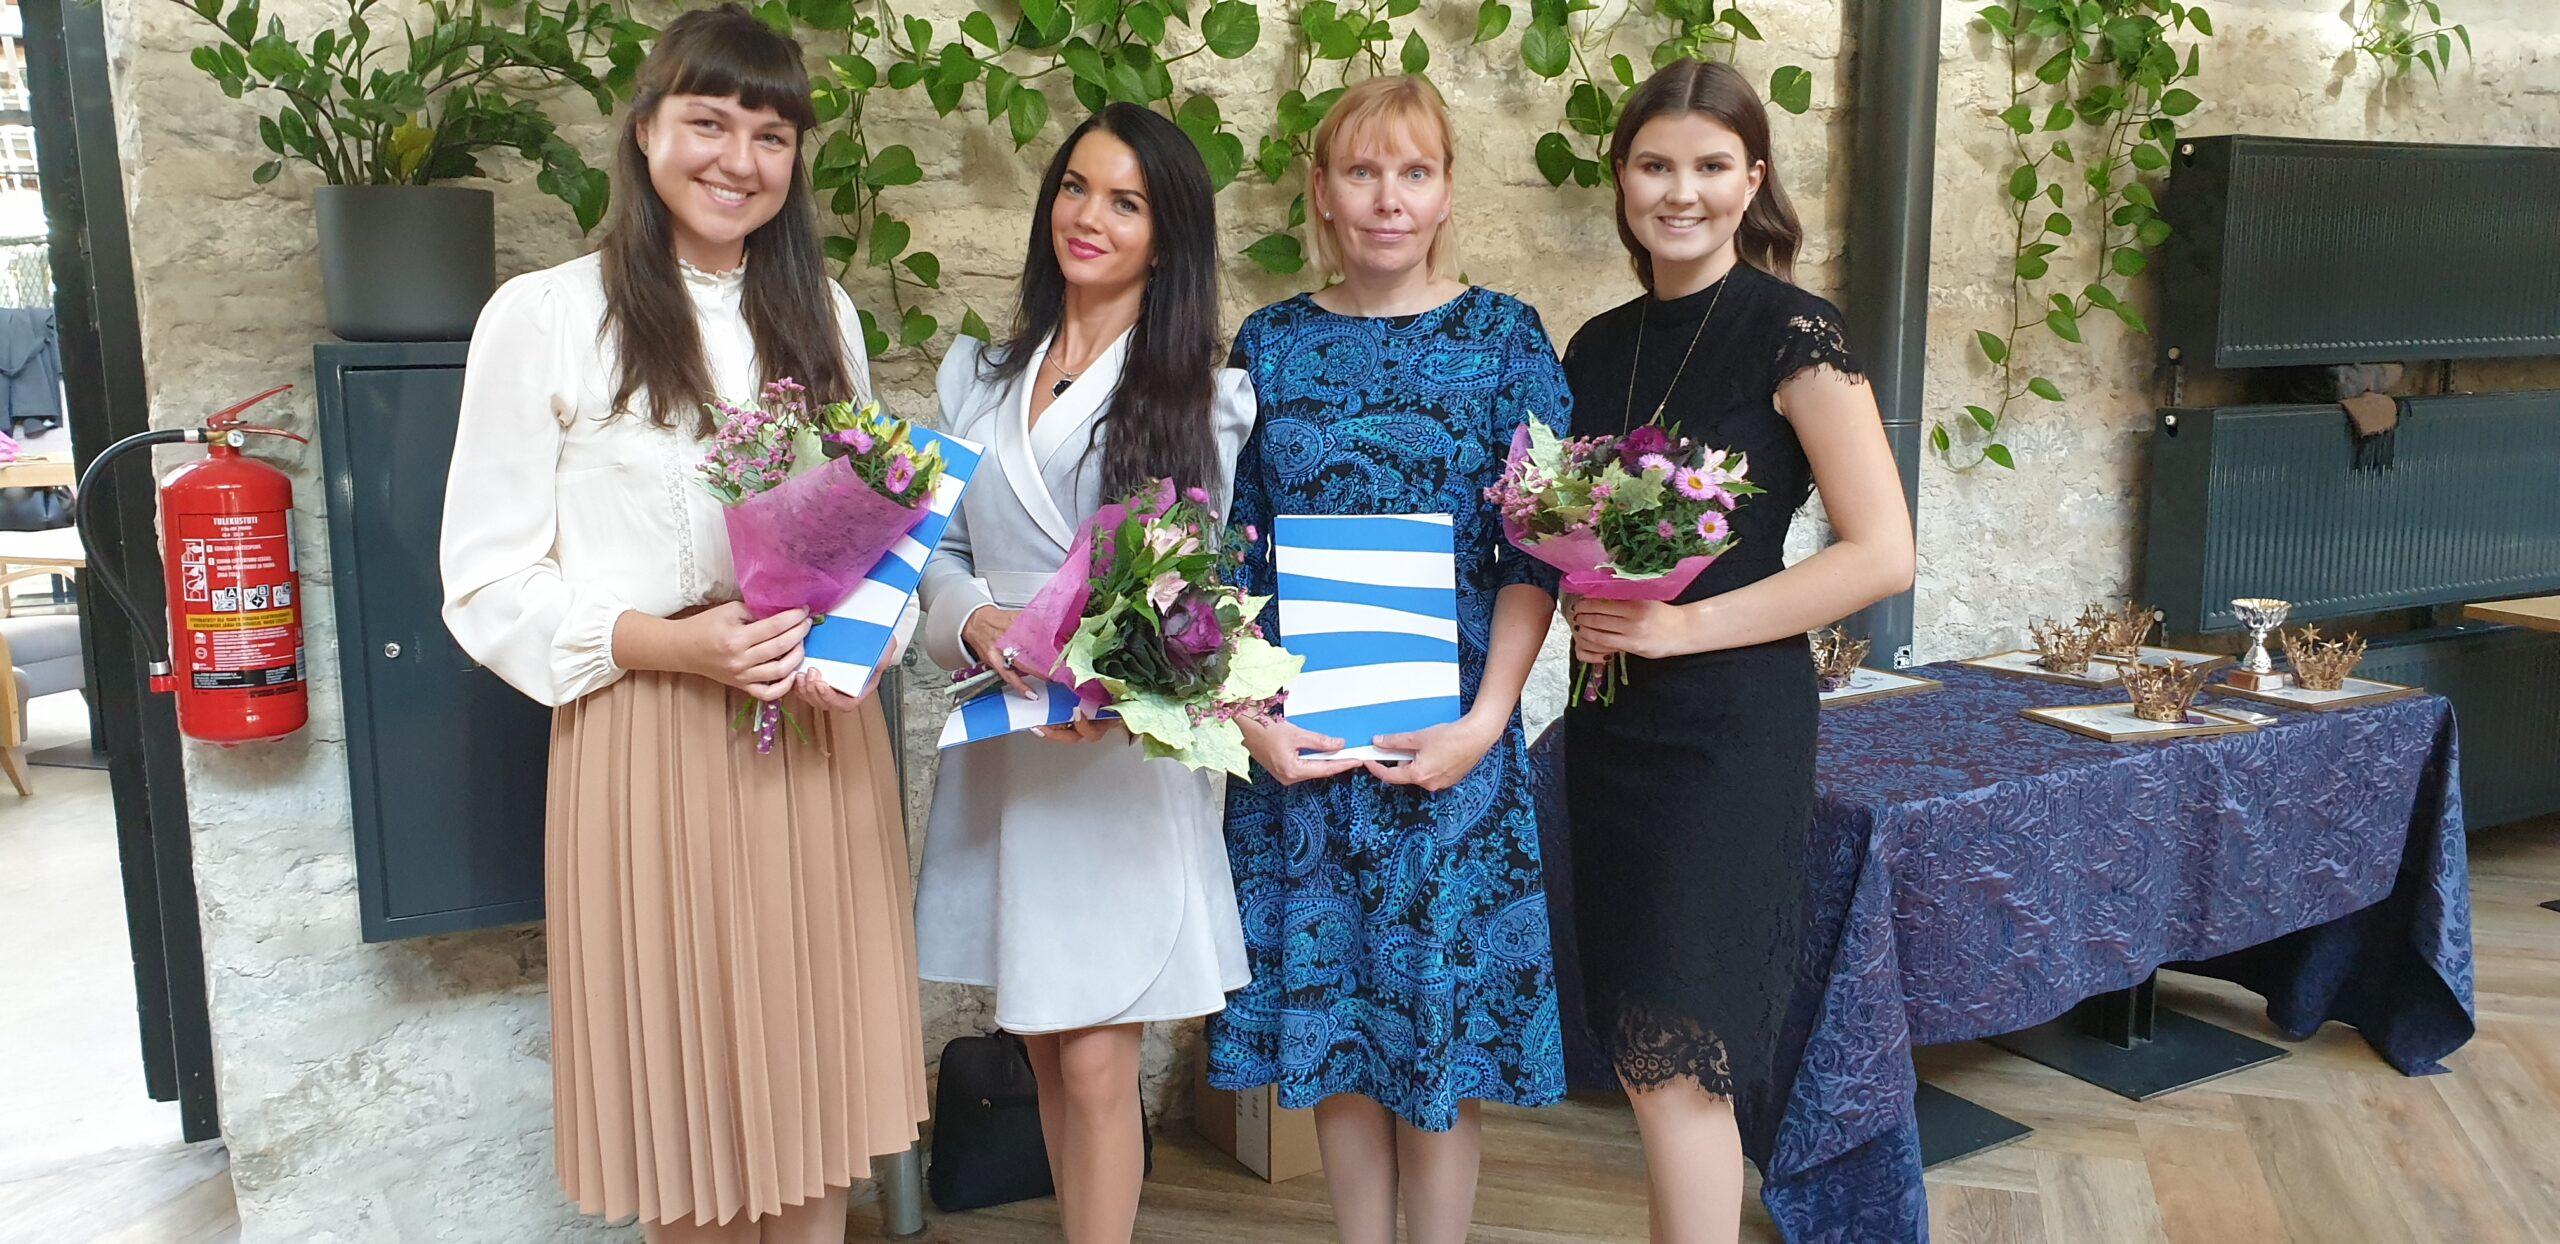 Read more about the article Õpetajate päeval tunnustas Tallinn parimaid haridustöötajaid ja –tegusid